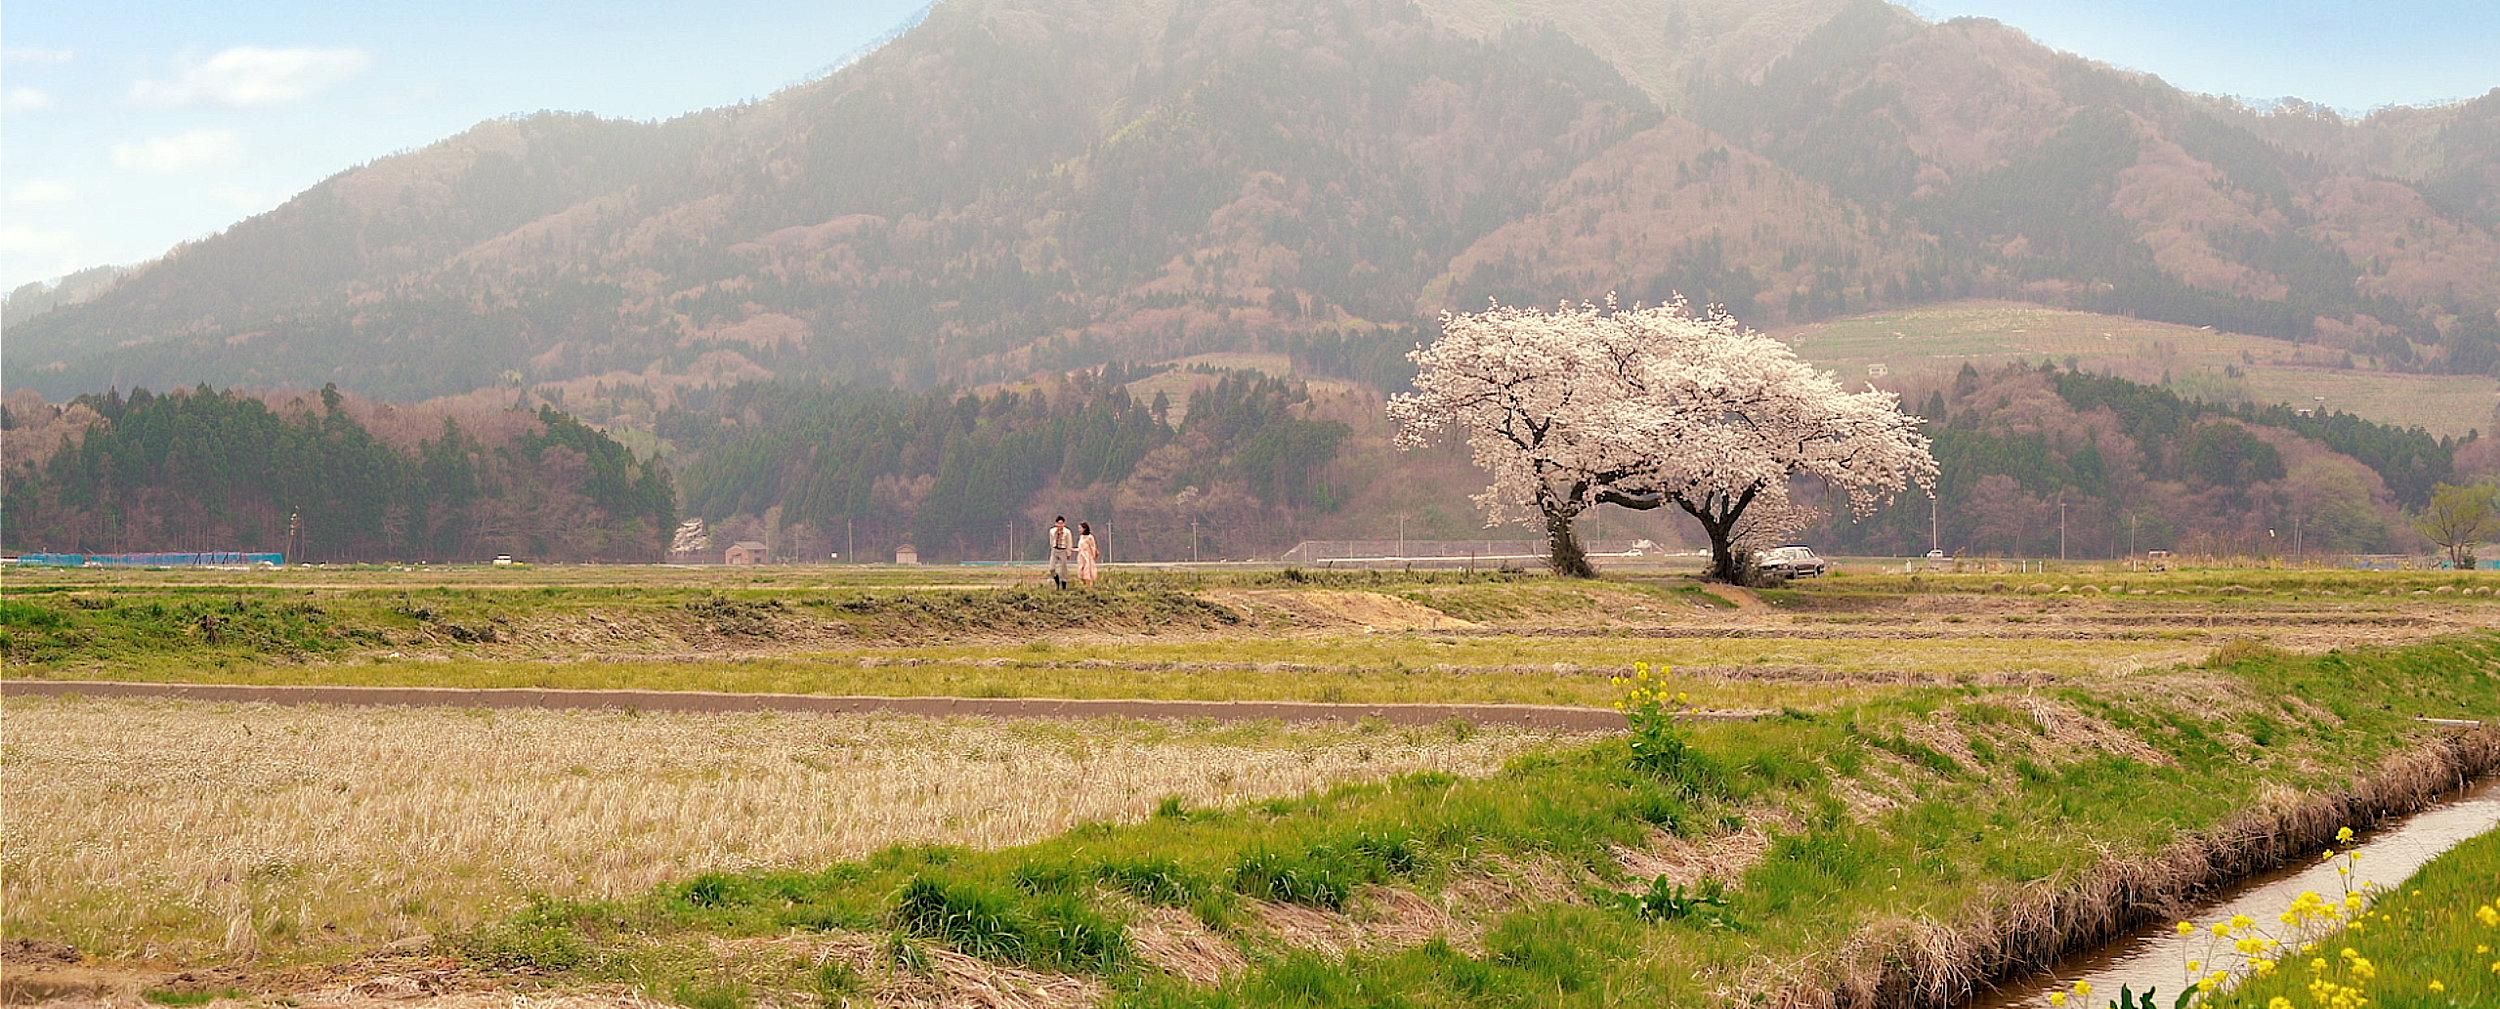 hamonika_spring_images17.jpg